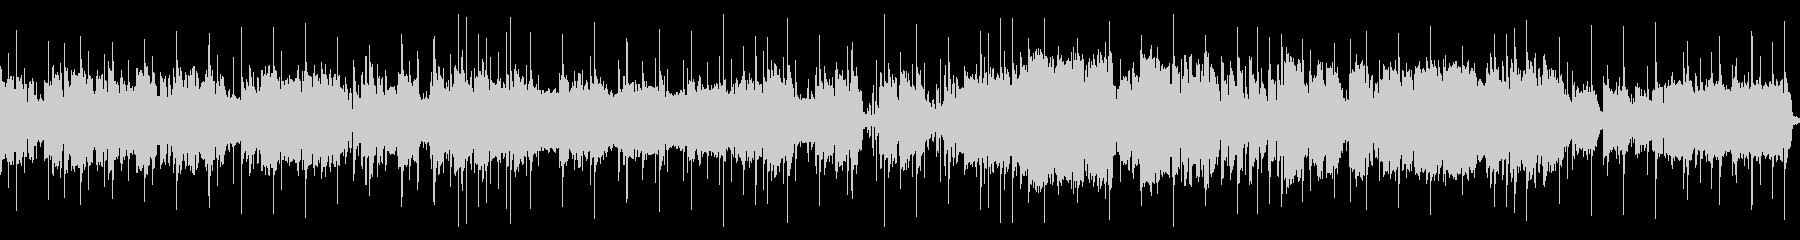 響くサックスの音色を楽しむスローロックの未再生の波形